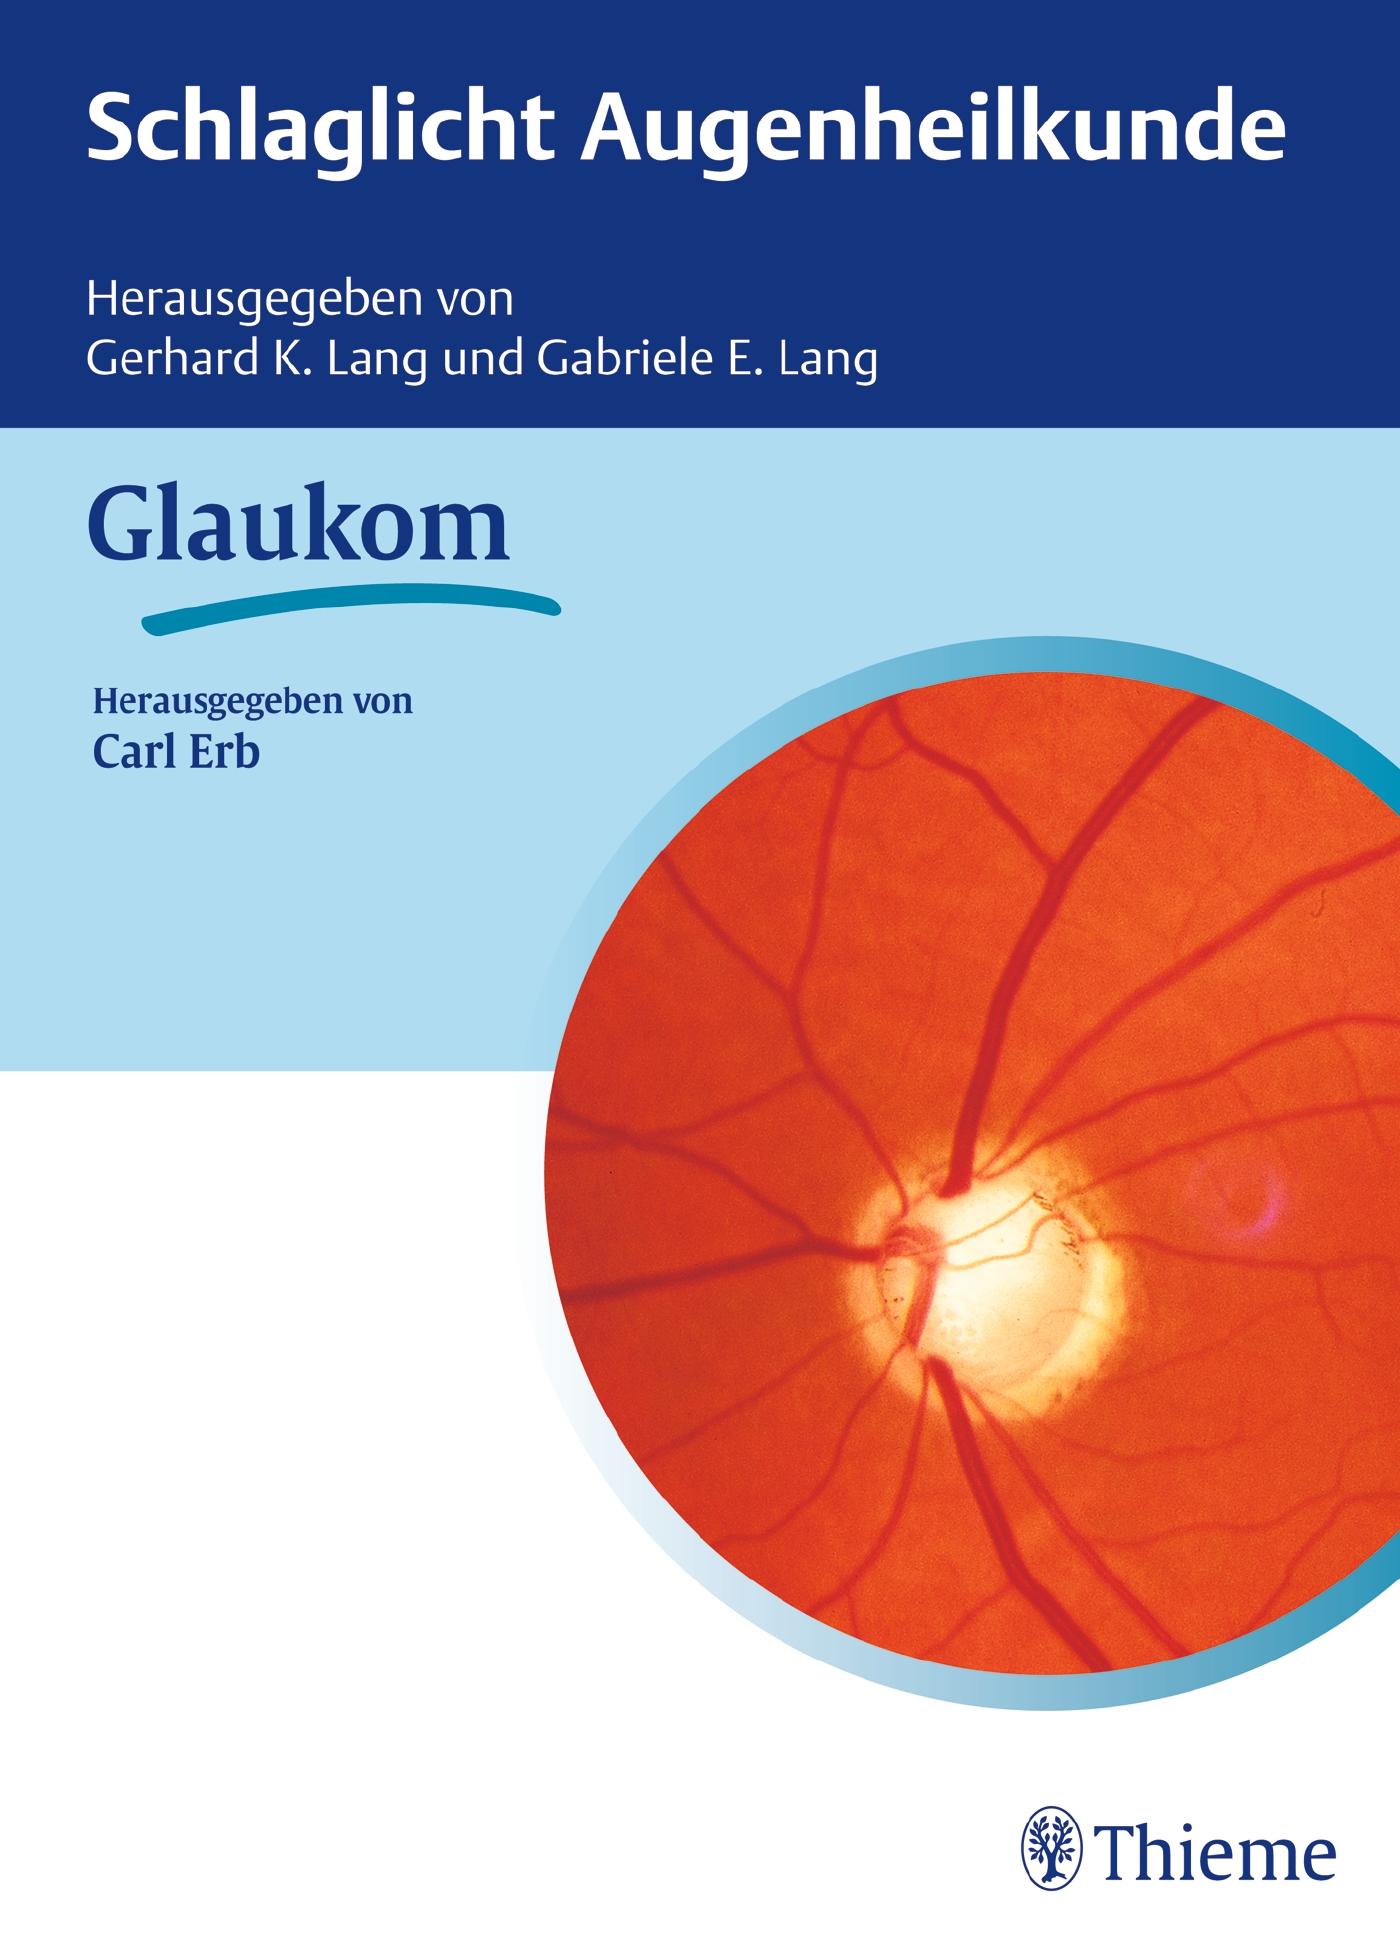 Schlaglicht Augenheilkunde: Glaukom